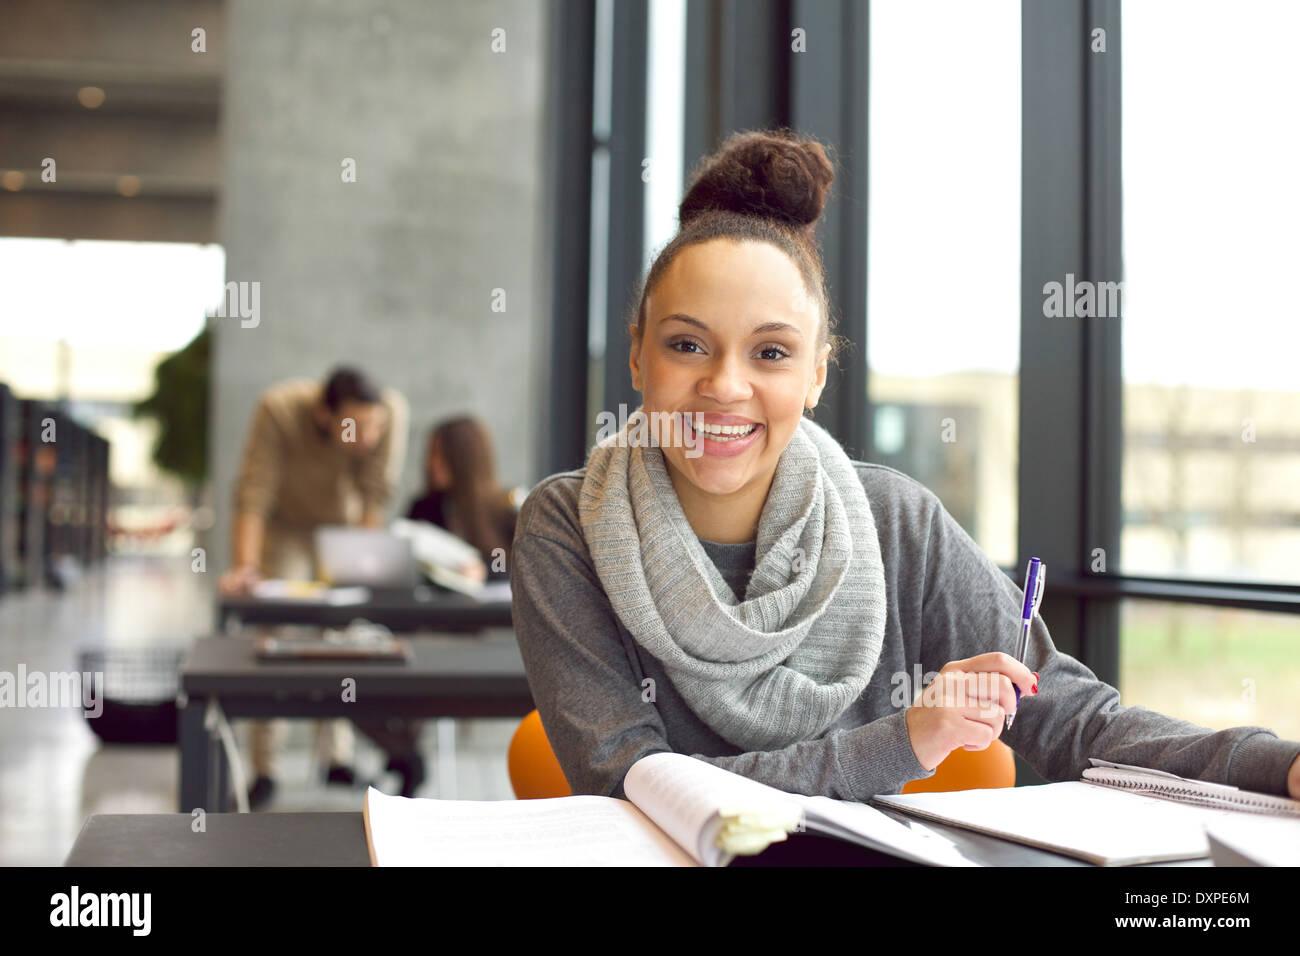 Feliz joven sentado en la biblioteca con libros. Alegre, joven estudiante la preparación para los exámenes finales. Imagen De Stock